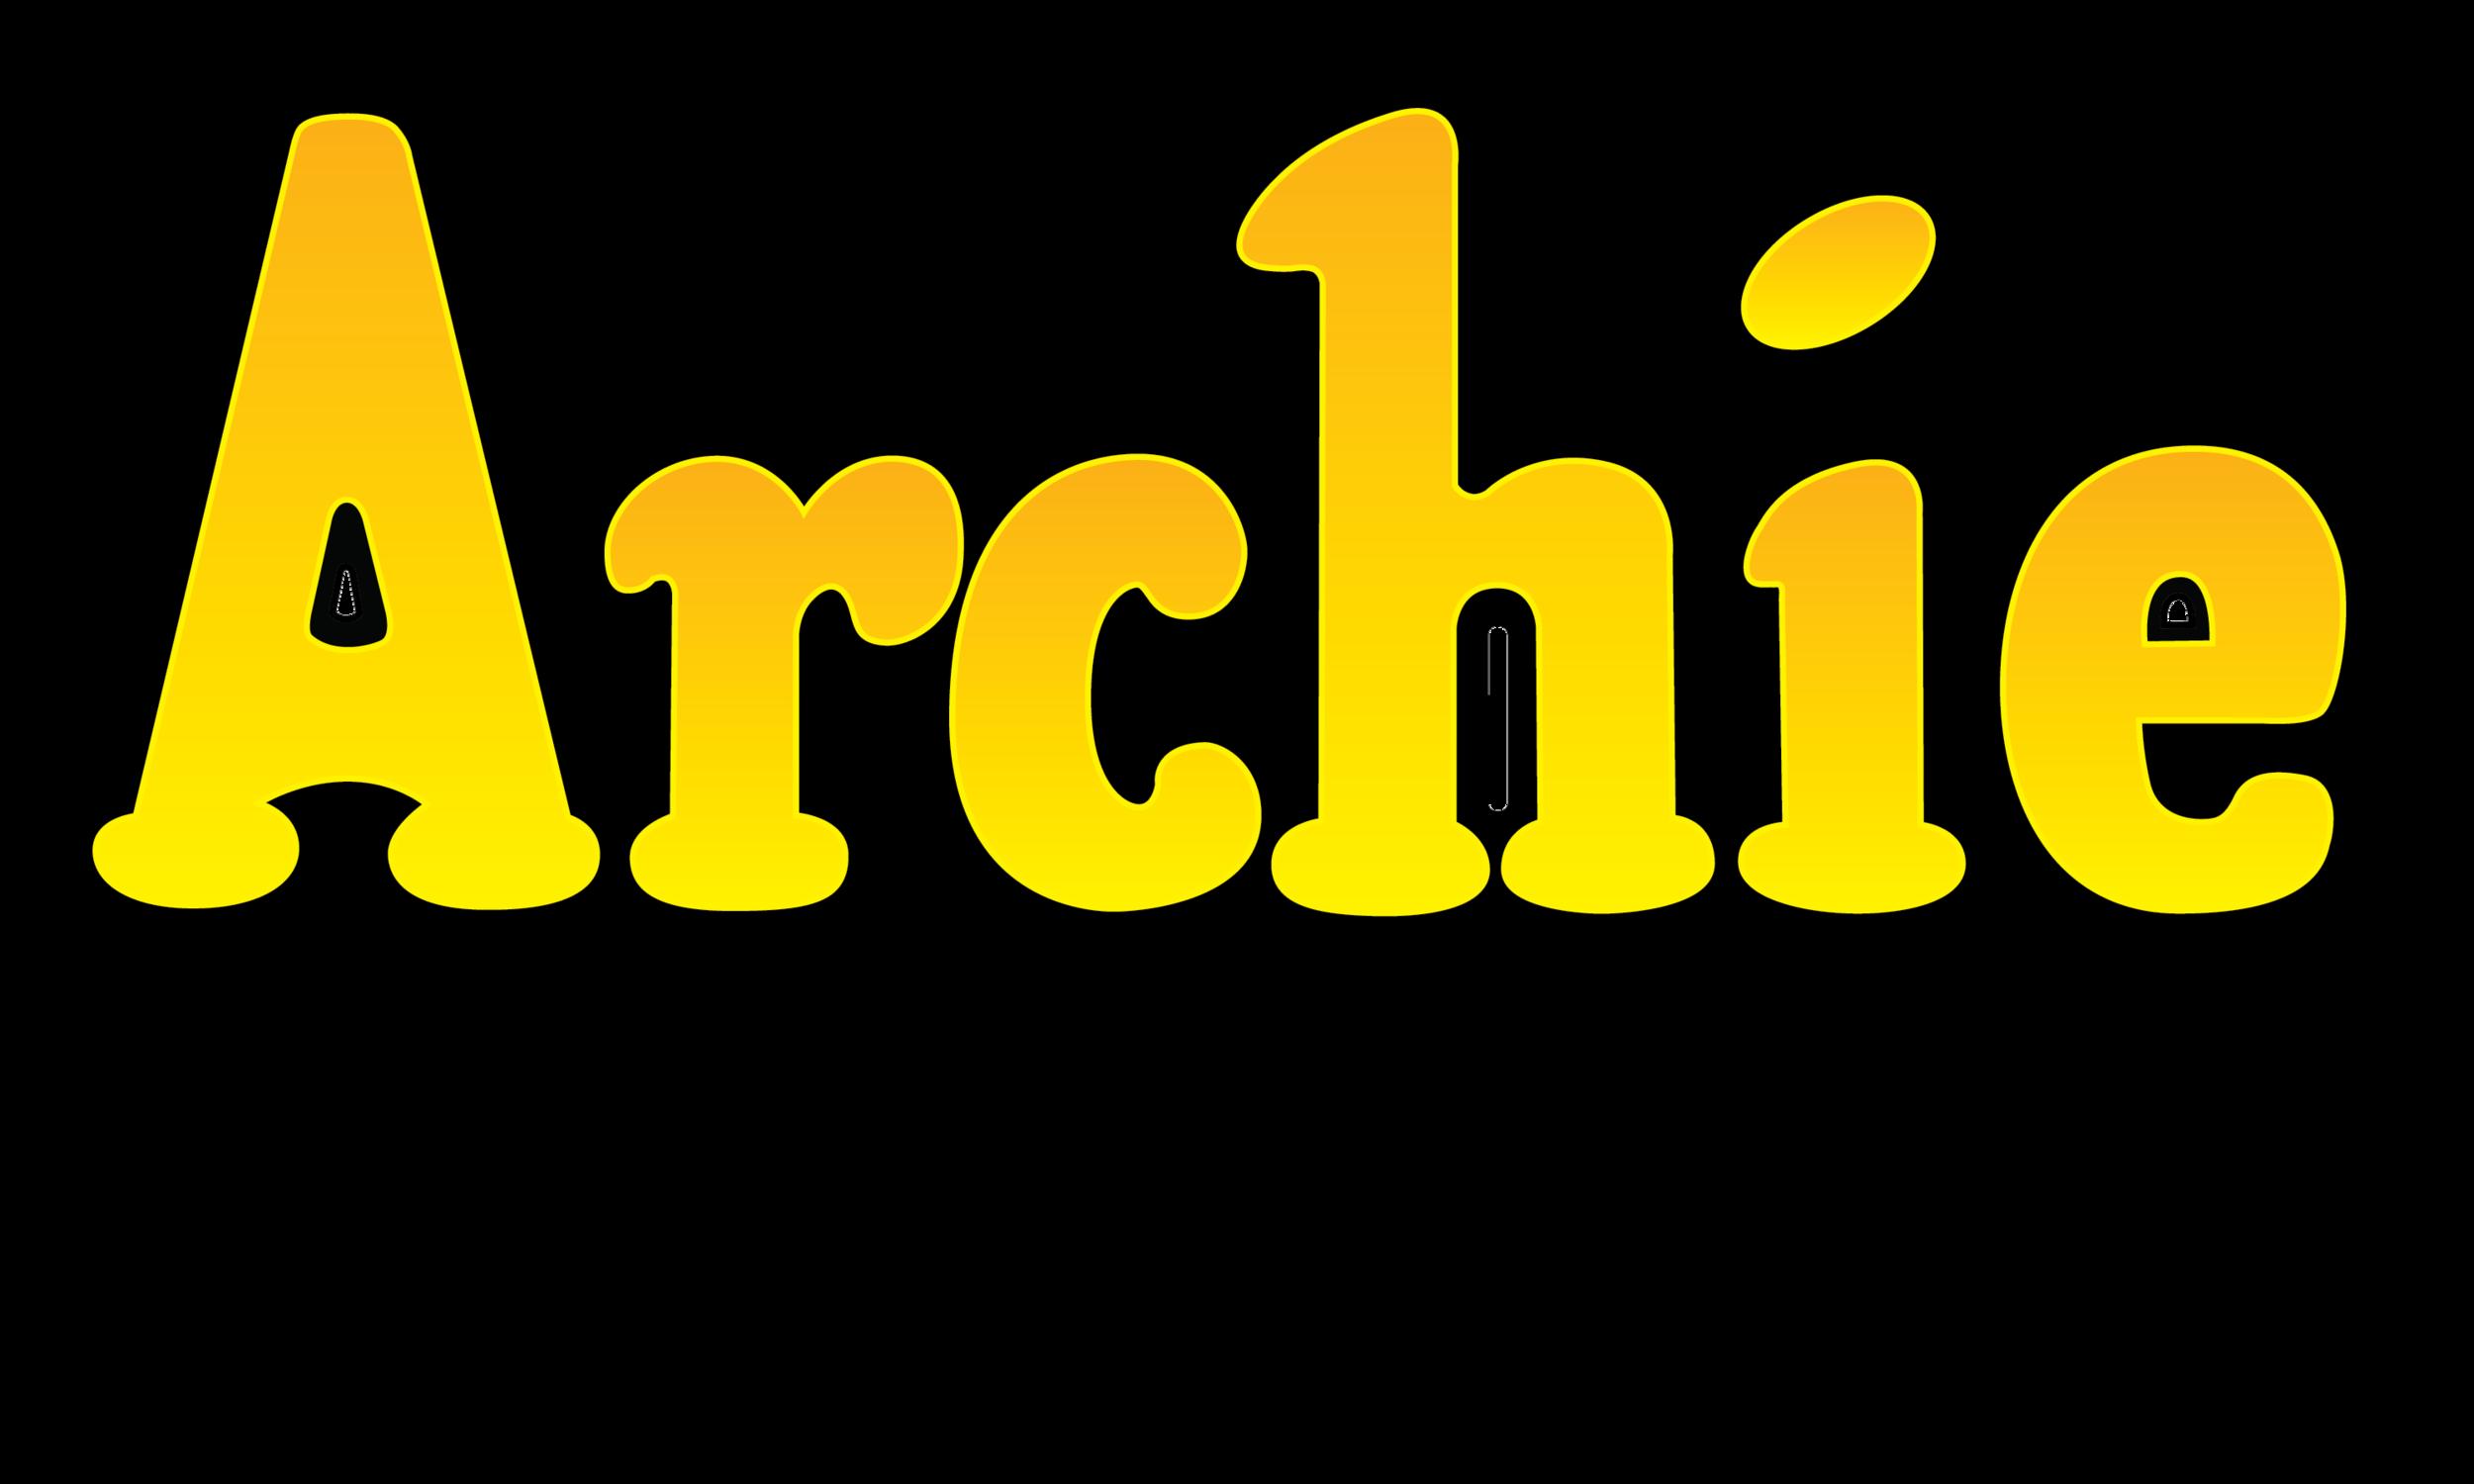 Archie_Comics_Logo.png